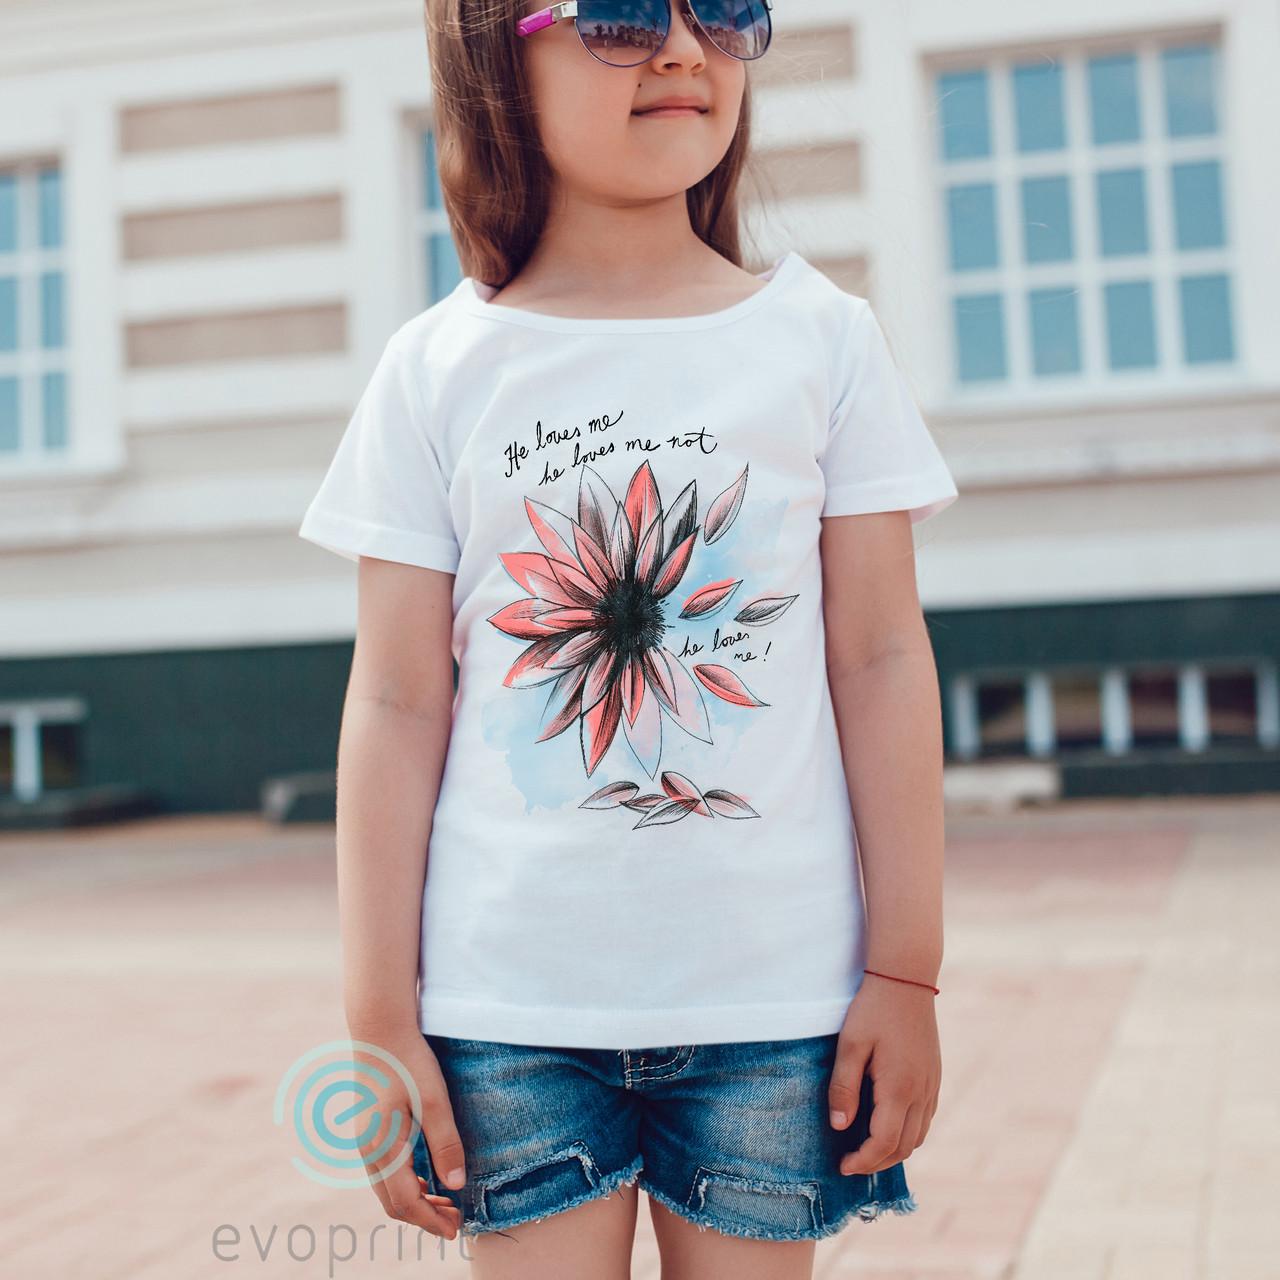 Качественная печать на детских футболках 100% хлопок